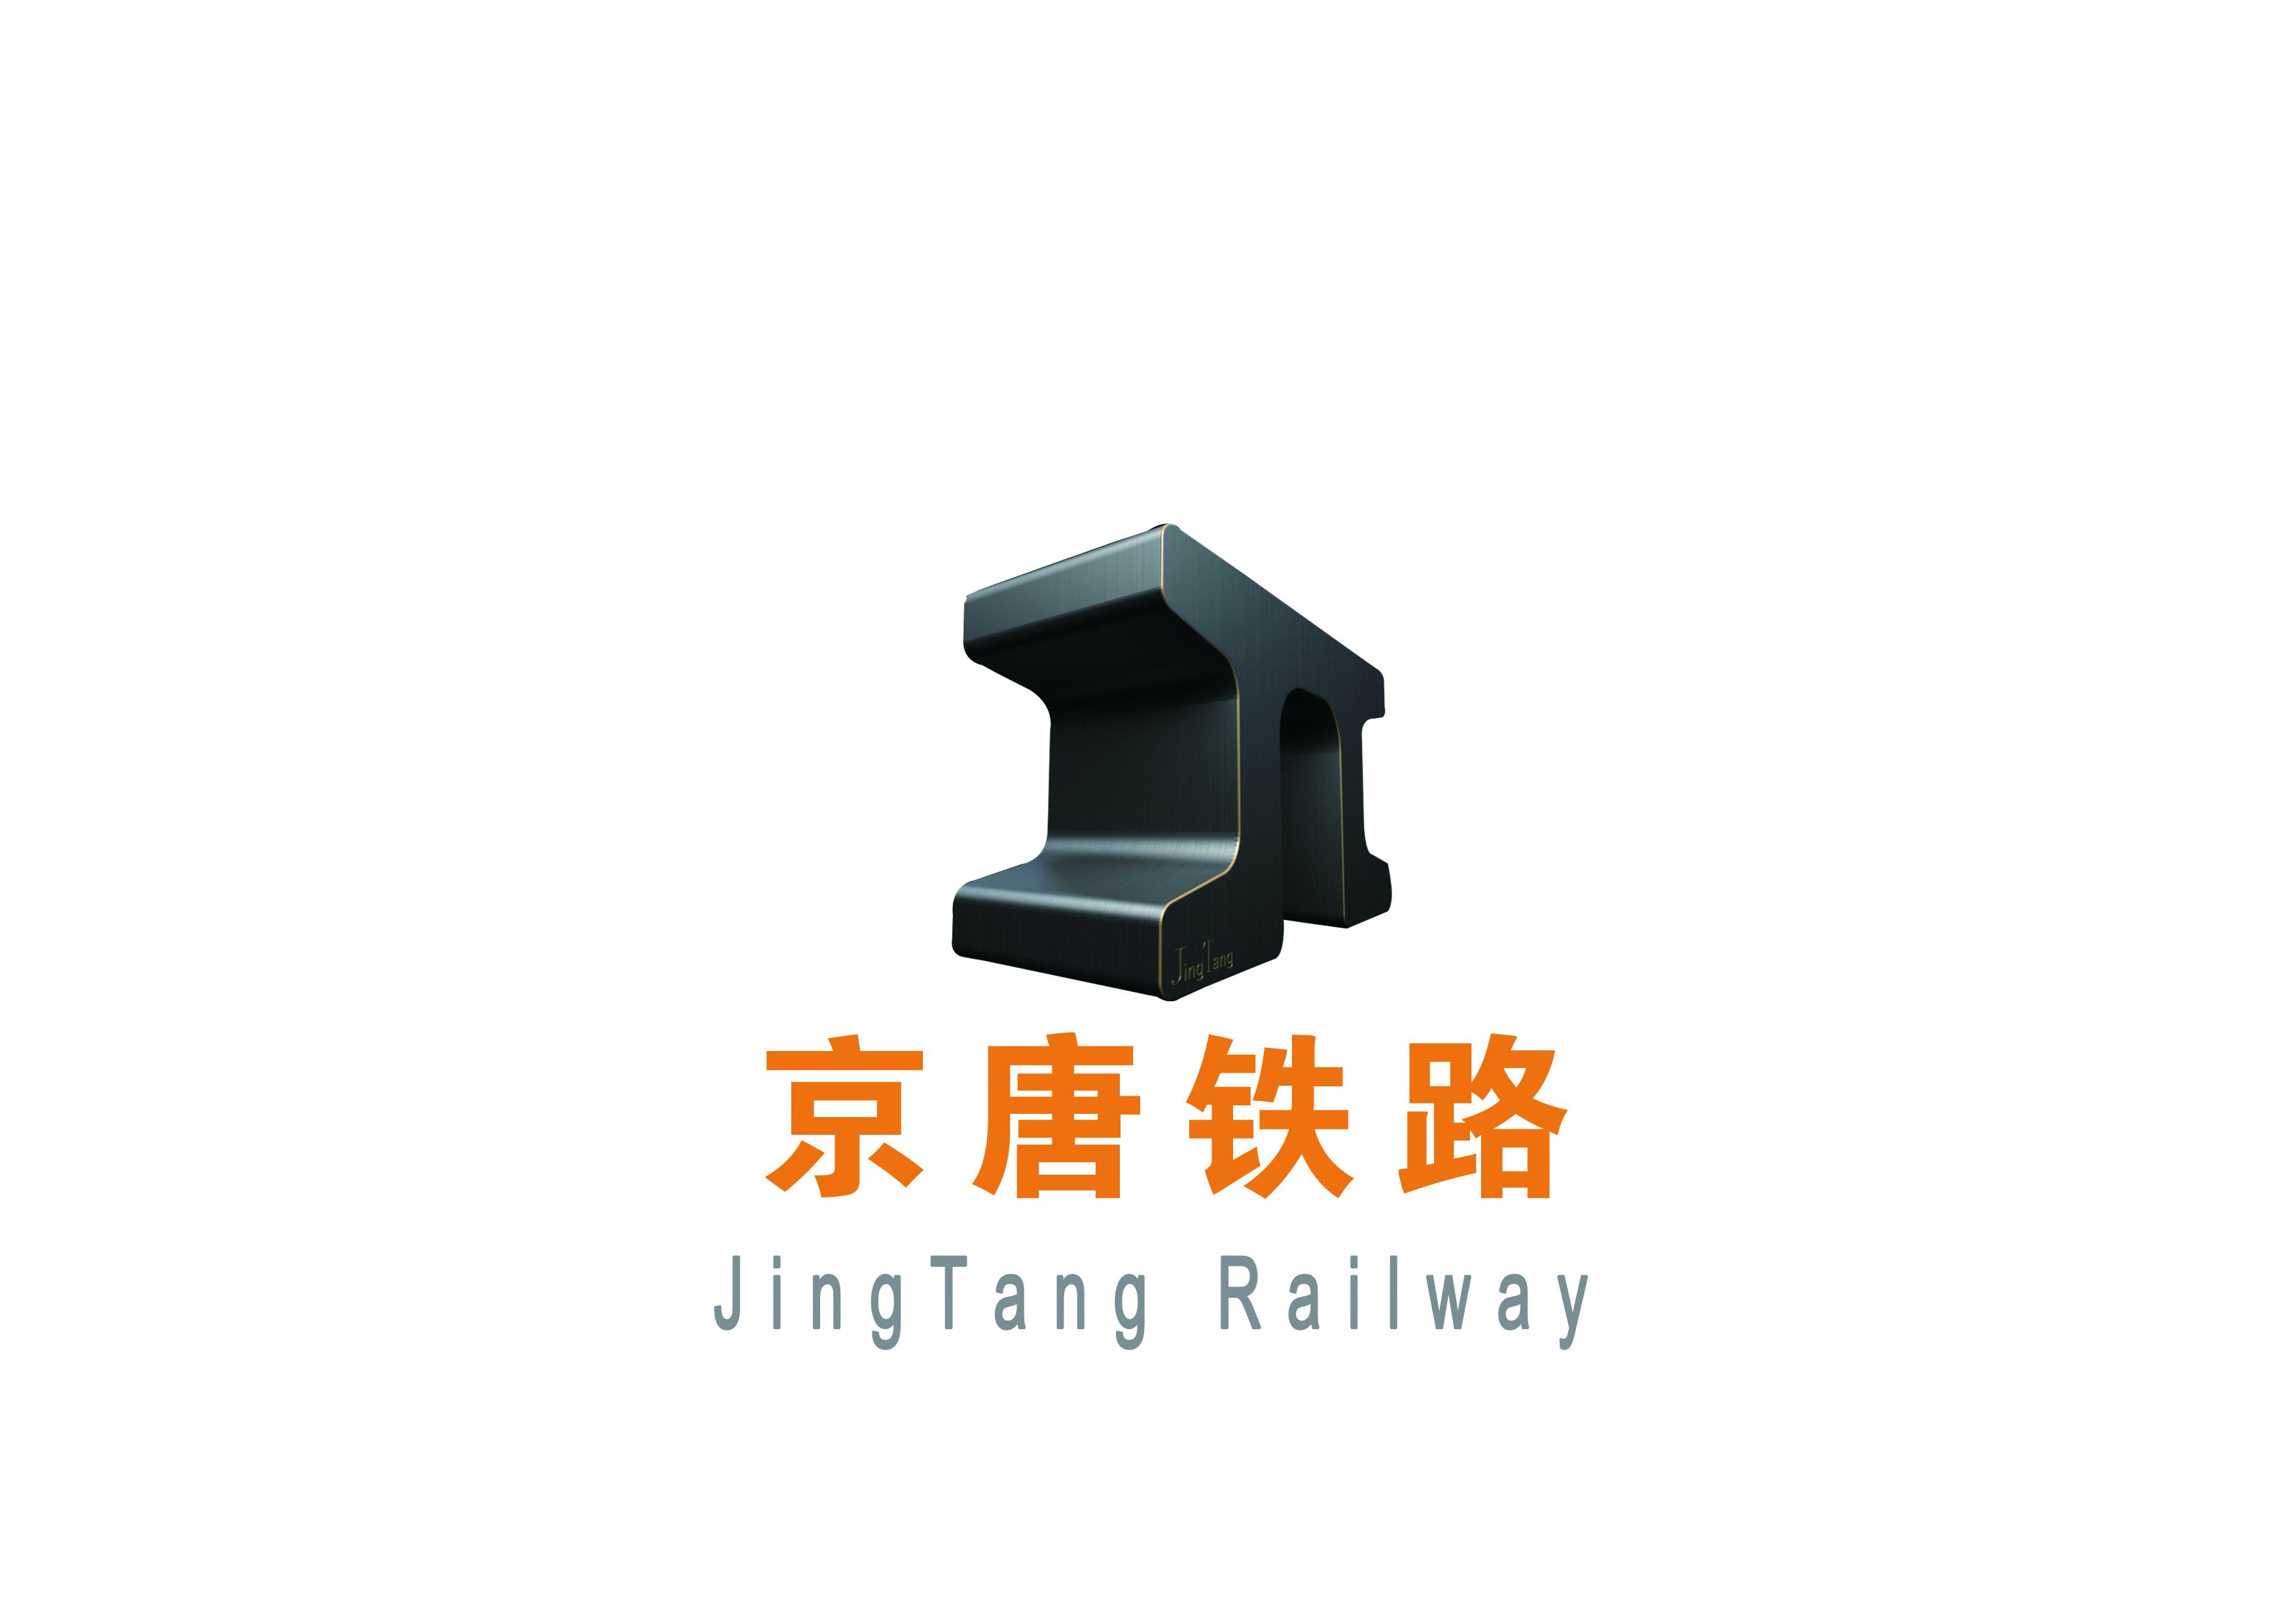 唐山京唐铁路有限公司